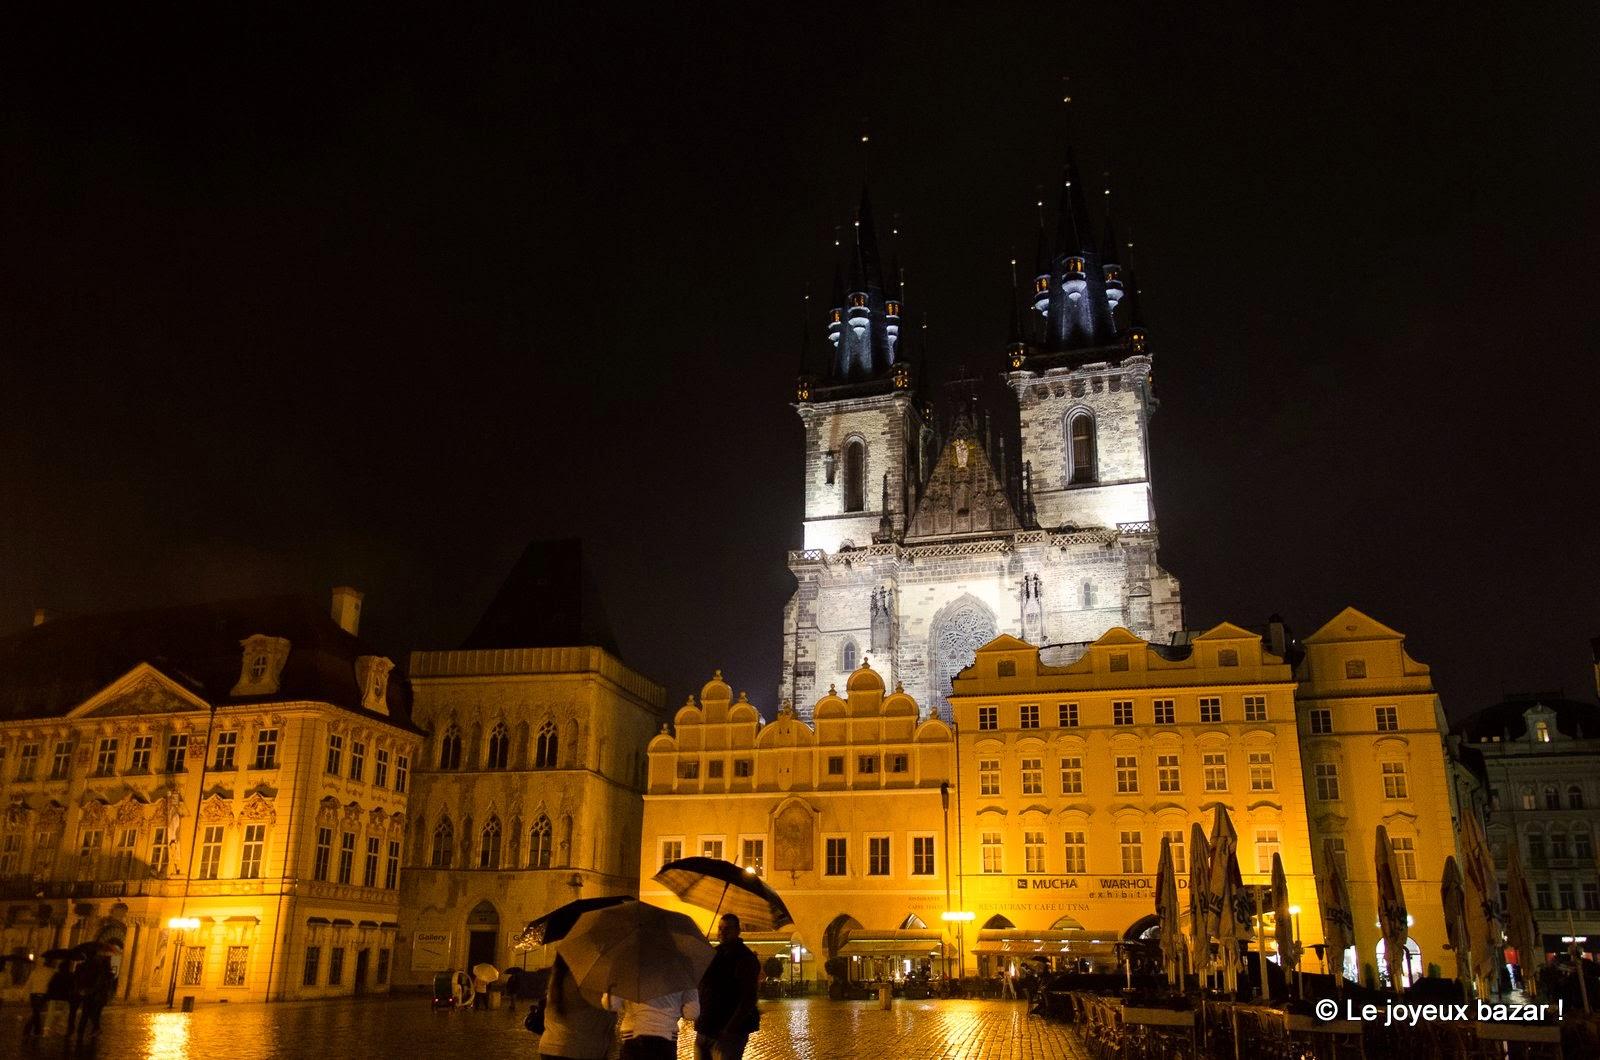 2 jours a Prague-by night - sous la pluie